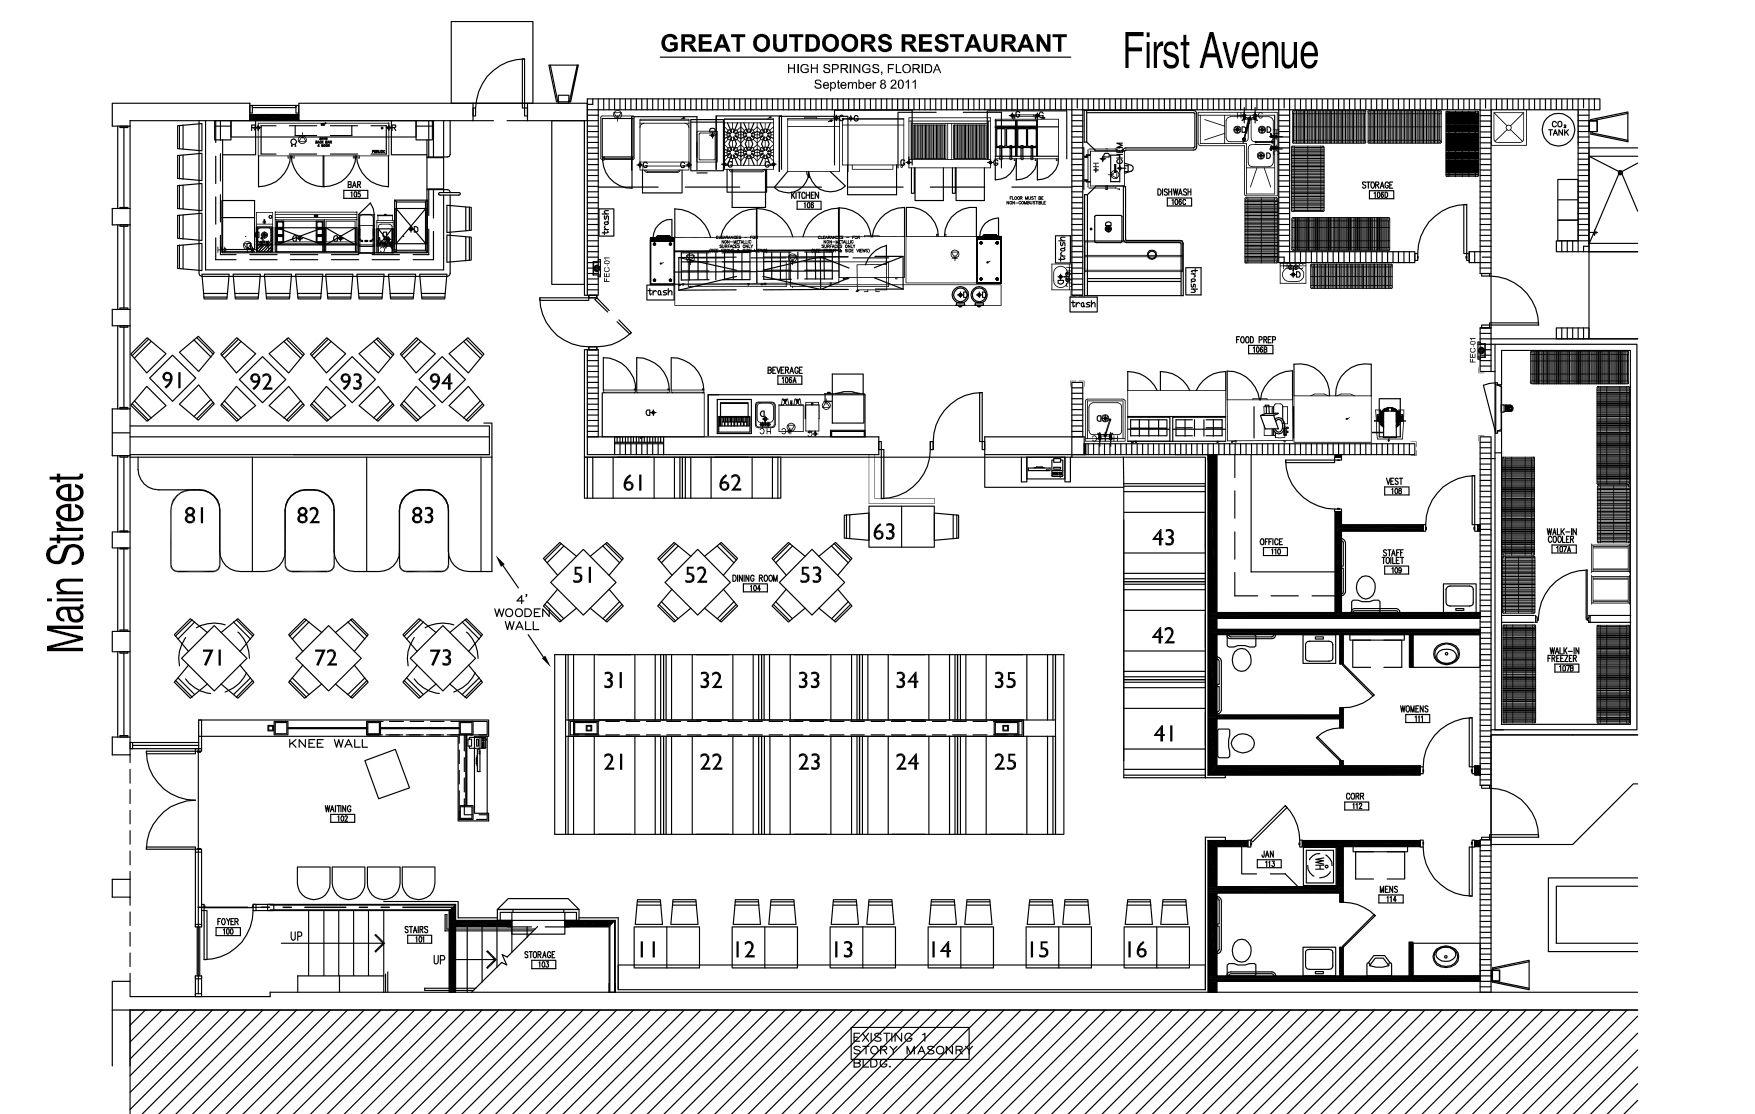 Restaurant Interior Design Floor Plan